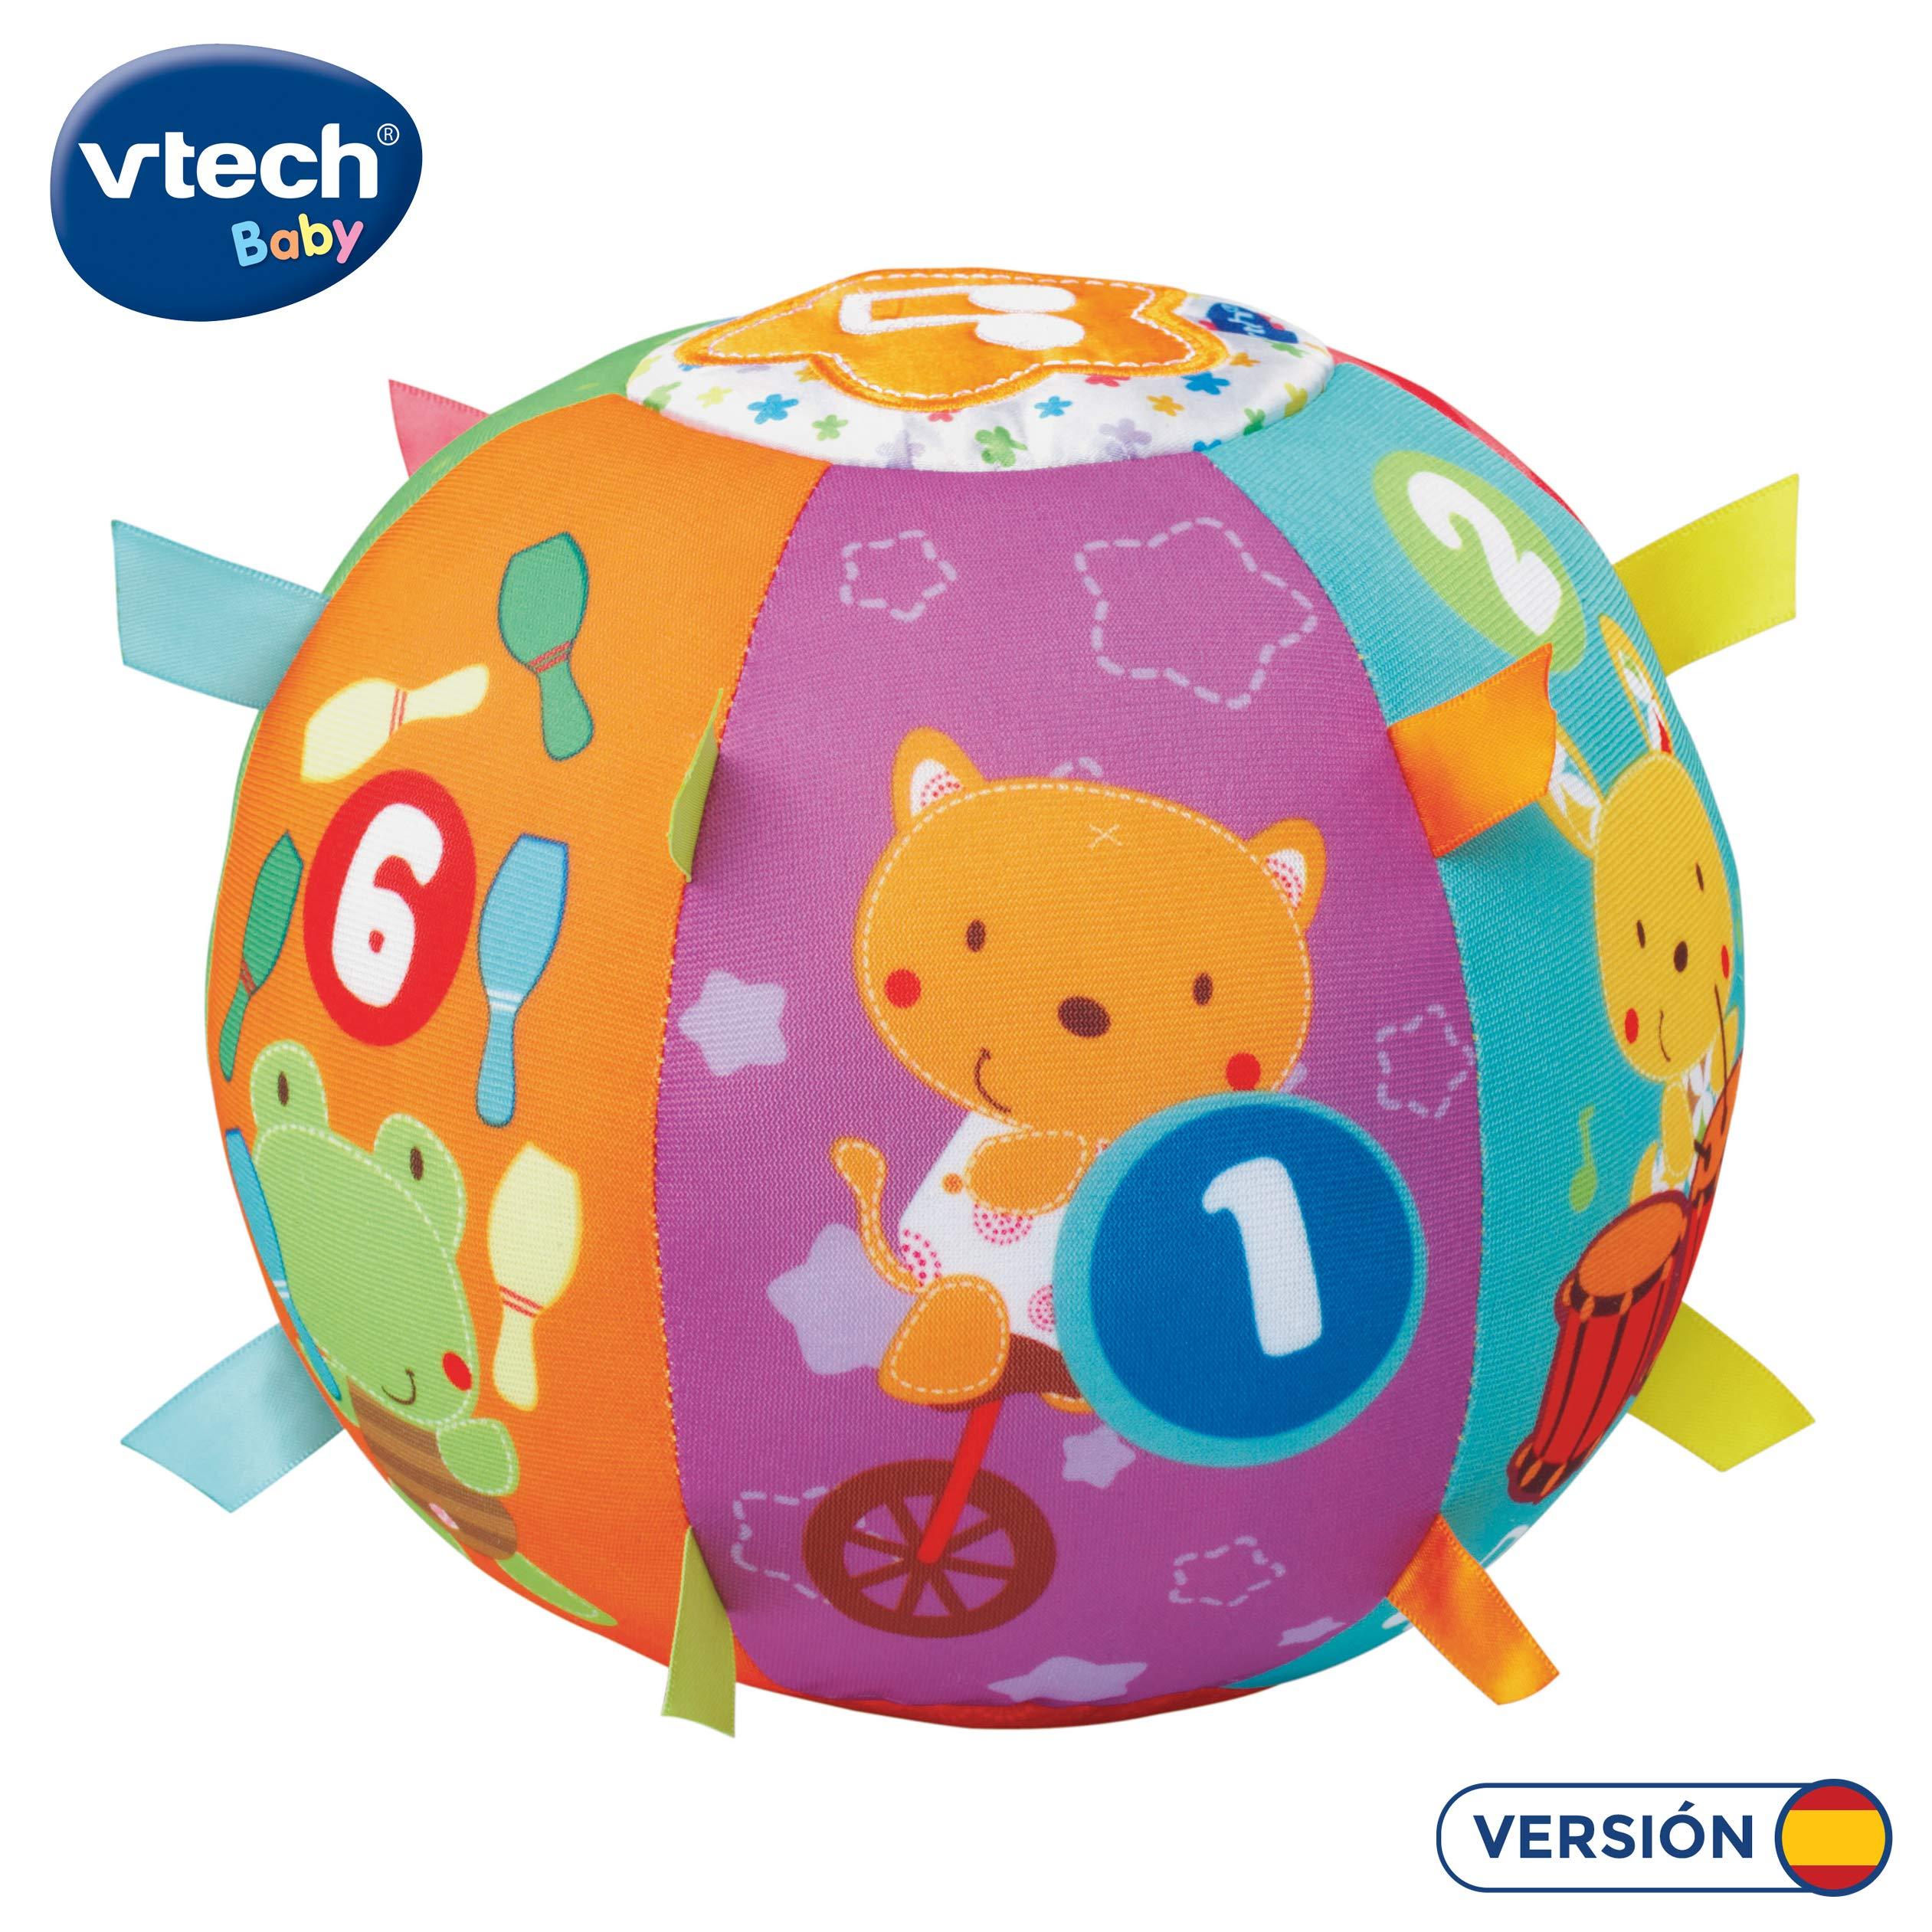 VTech- Bola cantarina Pelota Interactiva de Tela con Más de 50 Canciones, Multicolor, 24.9 x 14.0 x 8.9 (3480-166122)